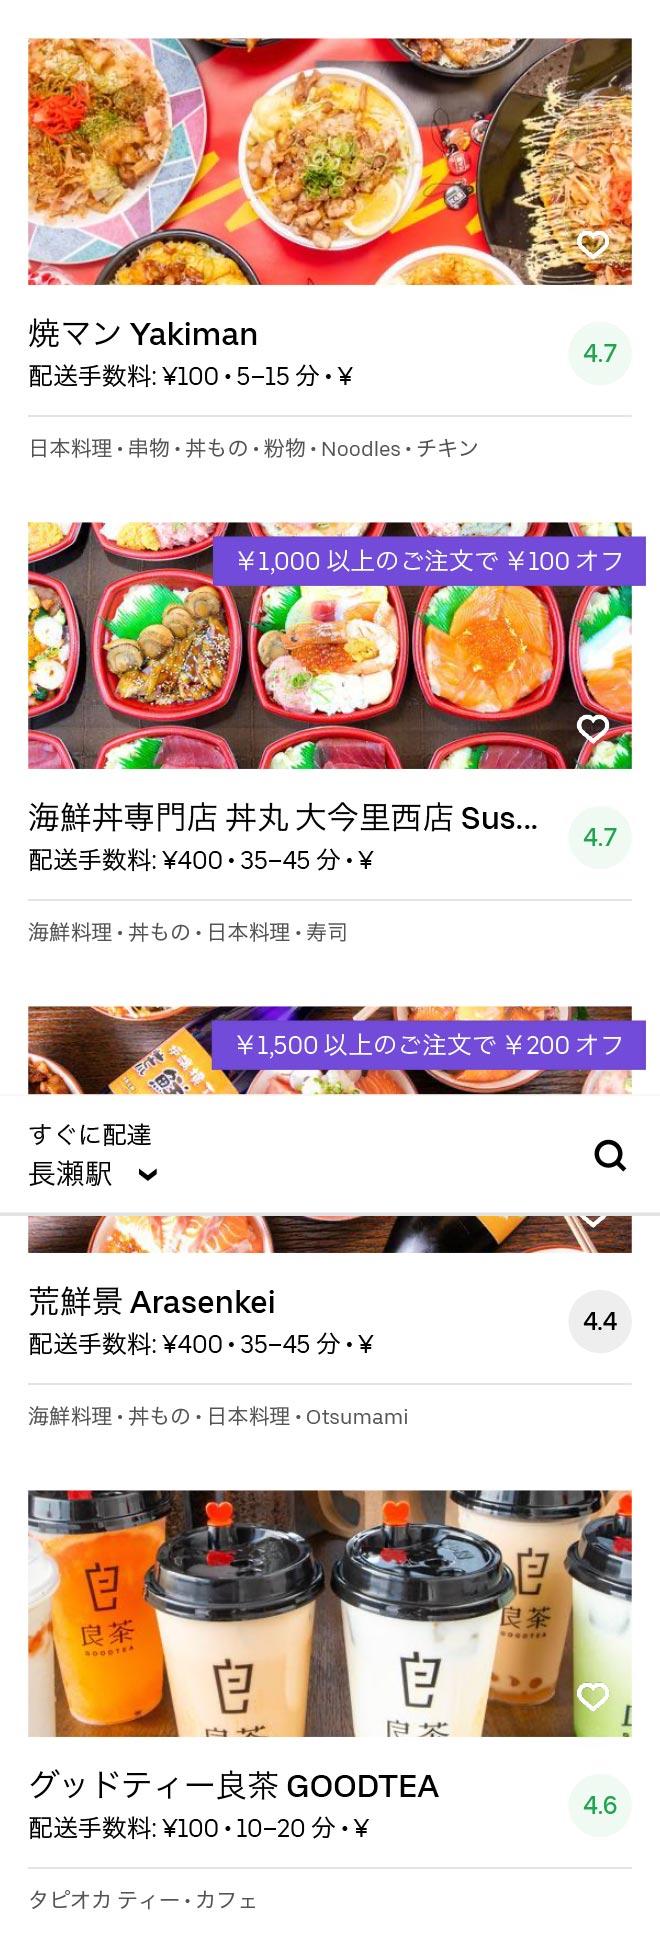 Higashi osaka nagase menu 2005 03